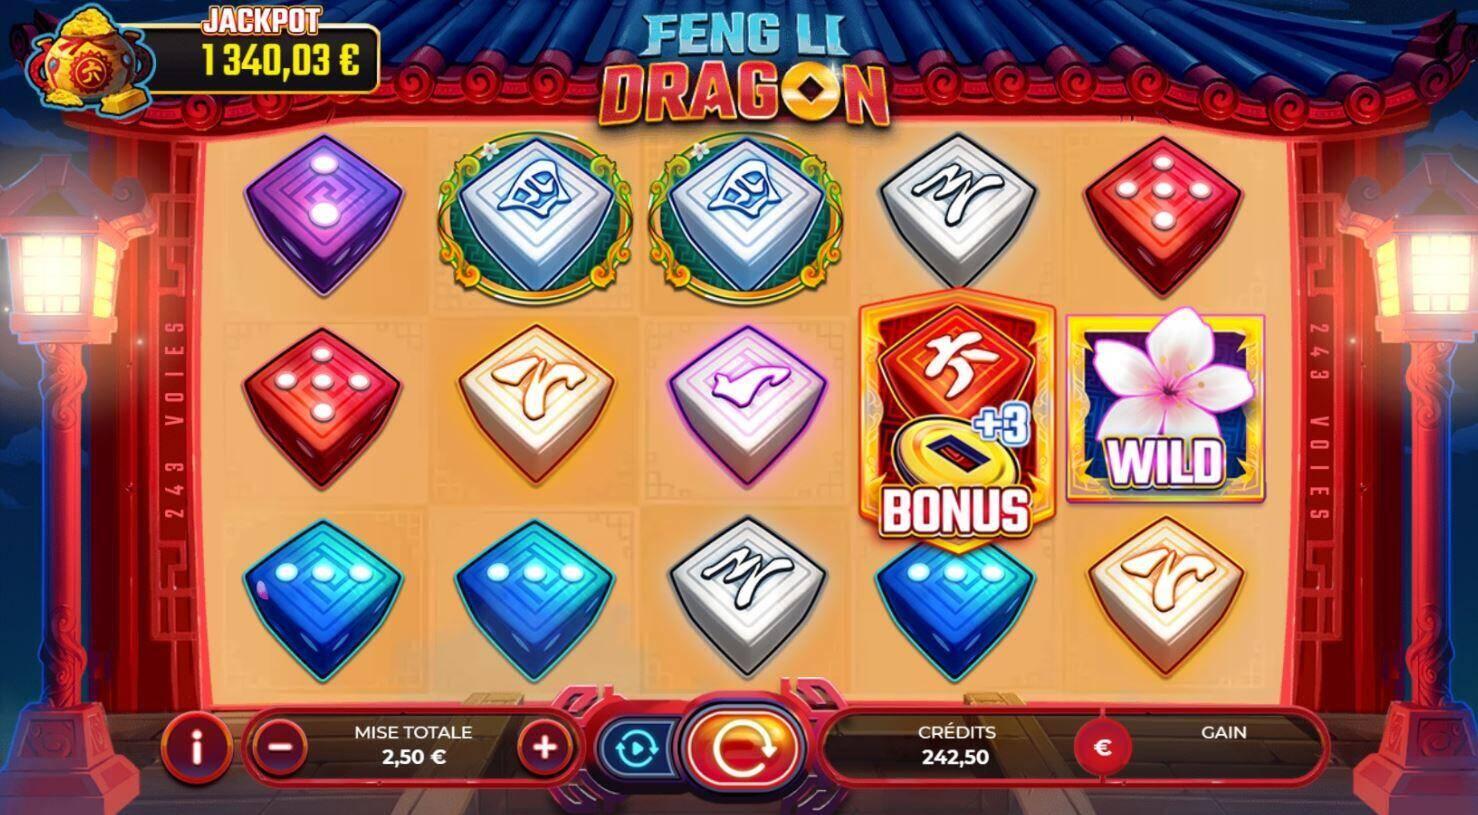 Supergame presenteert: Feng Li Dragon van Gaming1